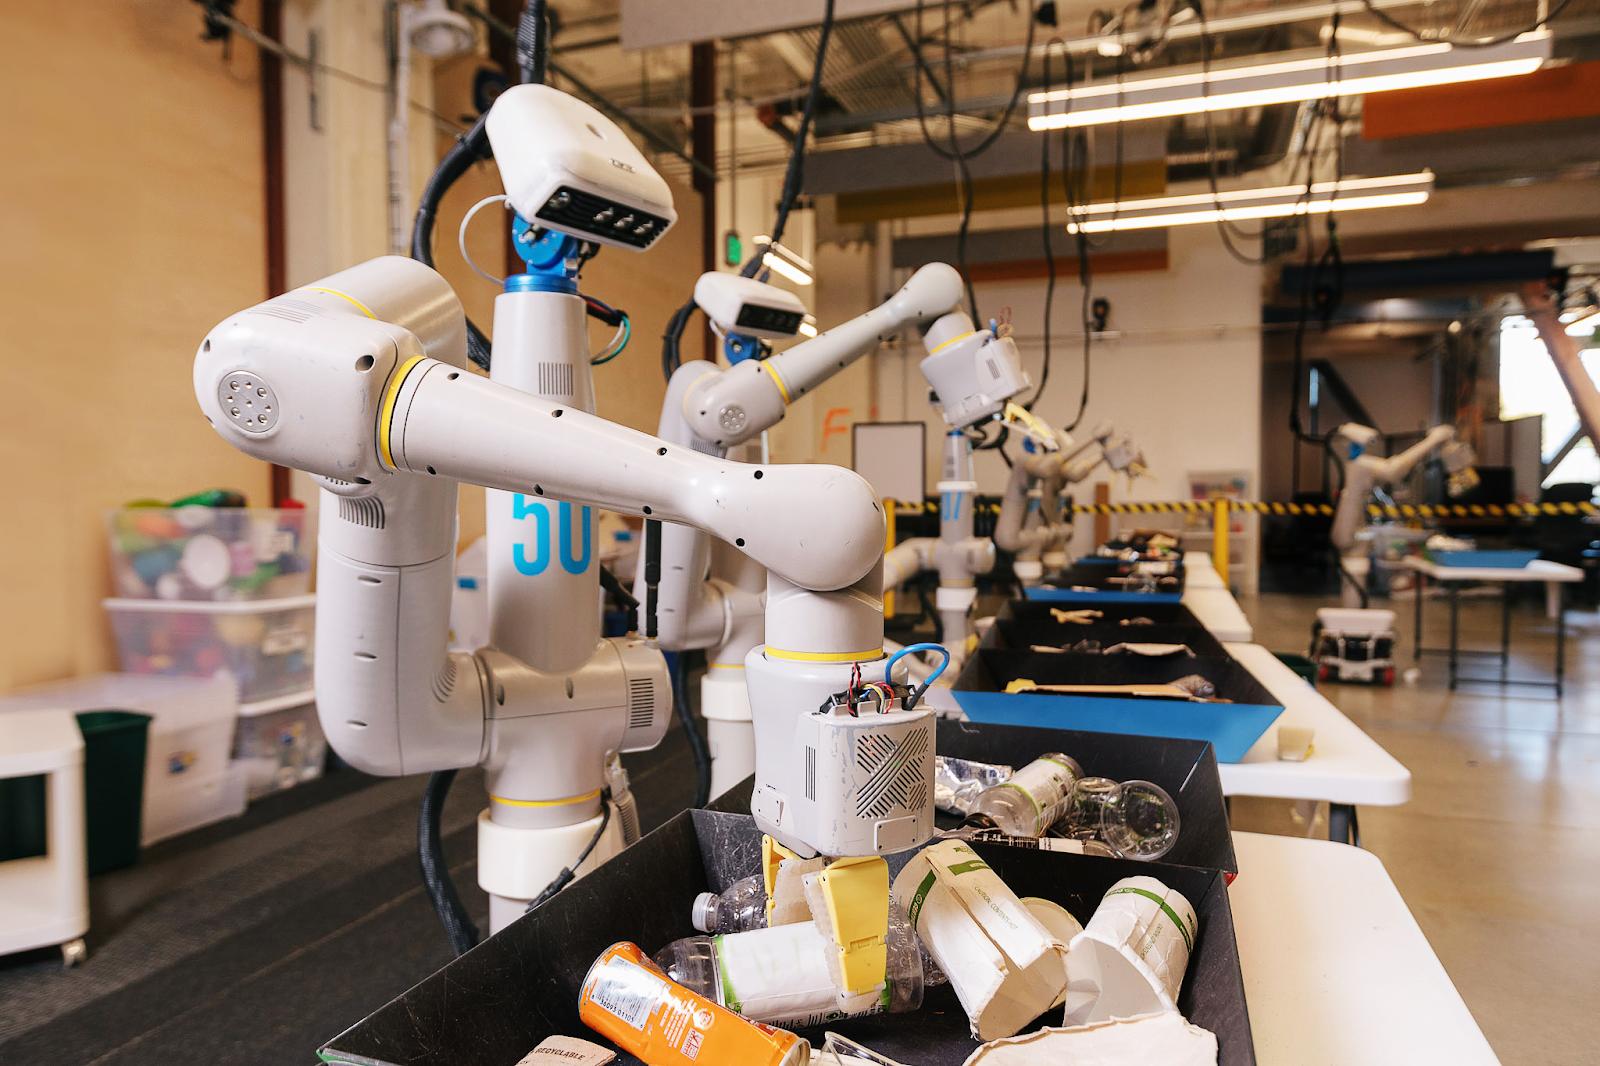 Alphabet eksperymentuje z robotami. Ten tutaj ma podobne zadania jak WALL-E 20